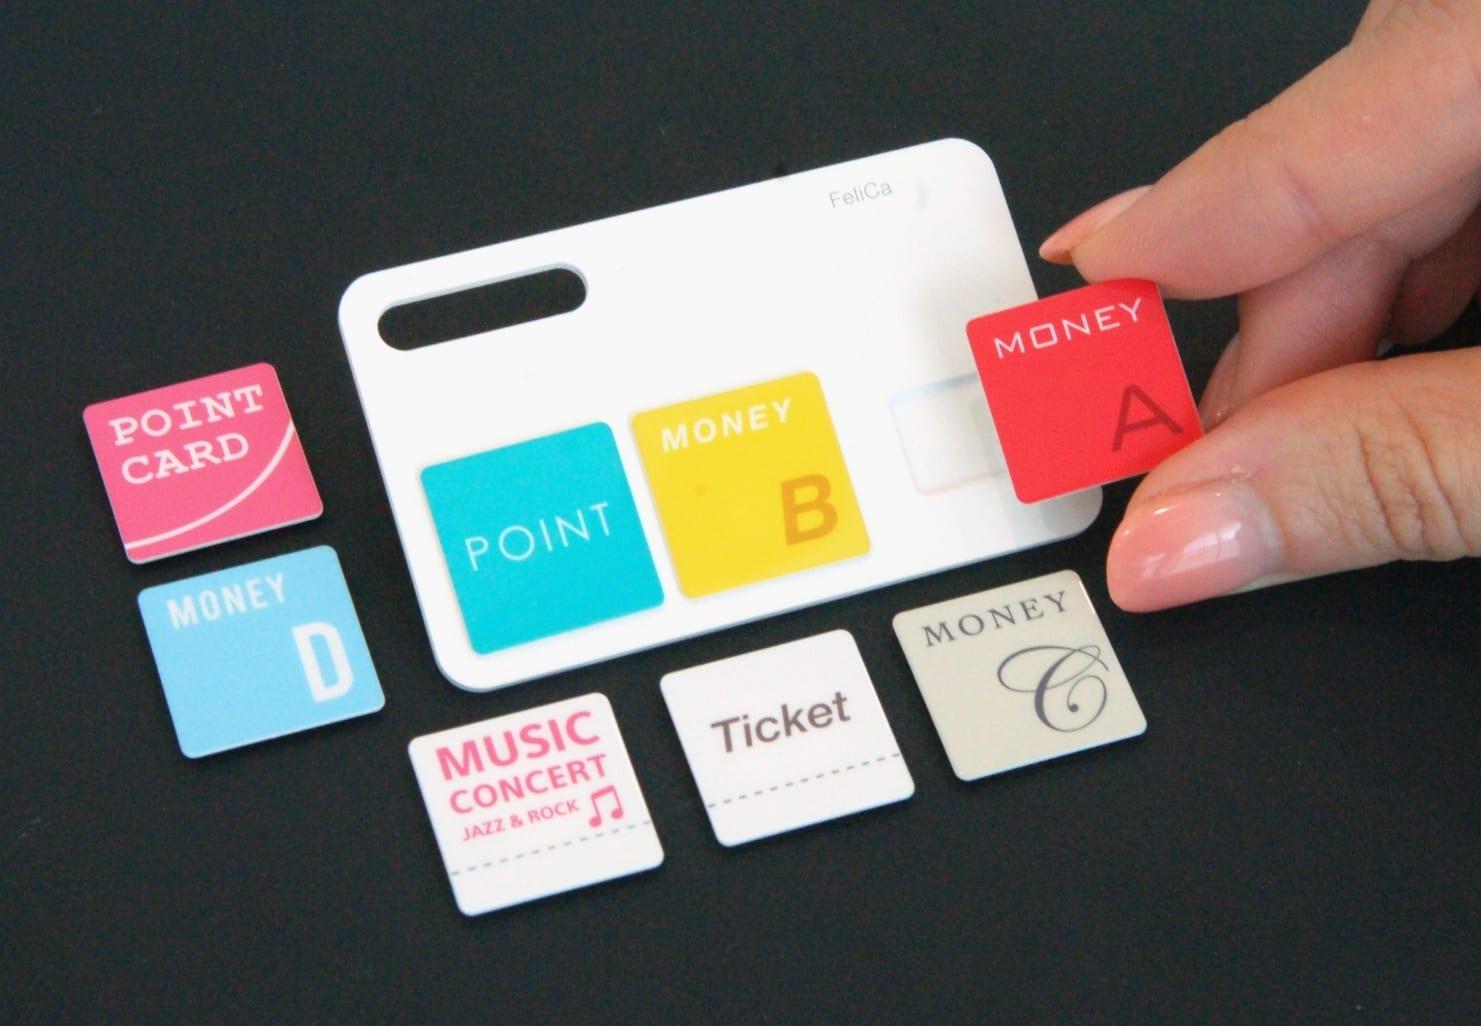 Sony FeliCa Modules - Apple vyvíja špeciálny iPhone pre Japonsko